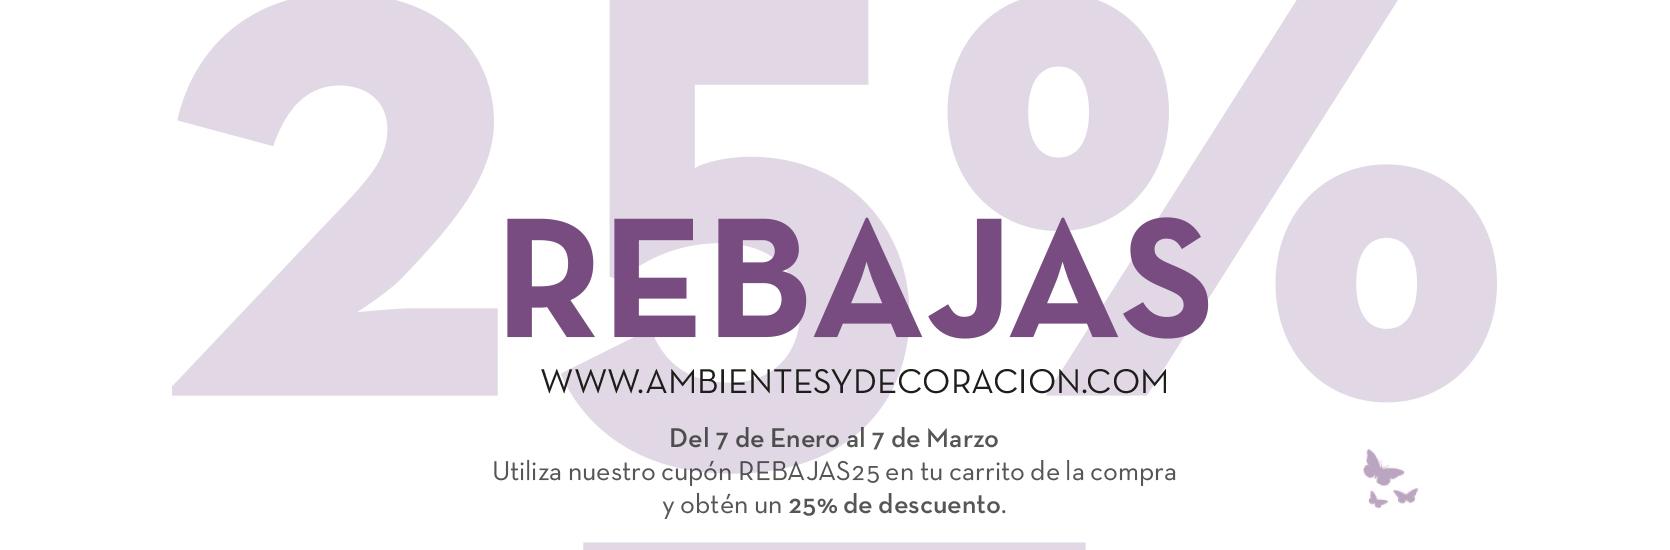 rebajas 25% ambientesydecoracion.com